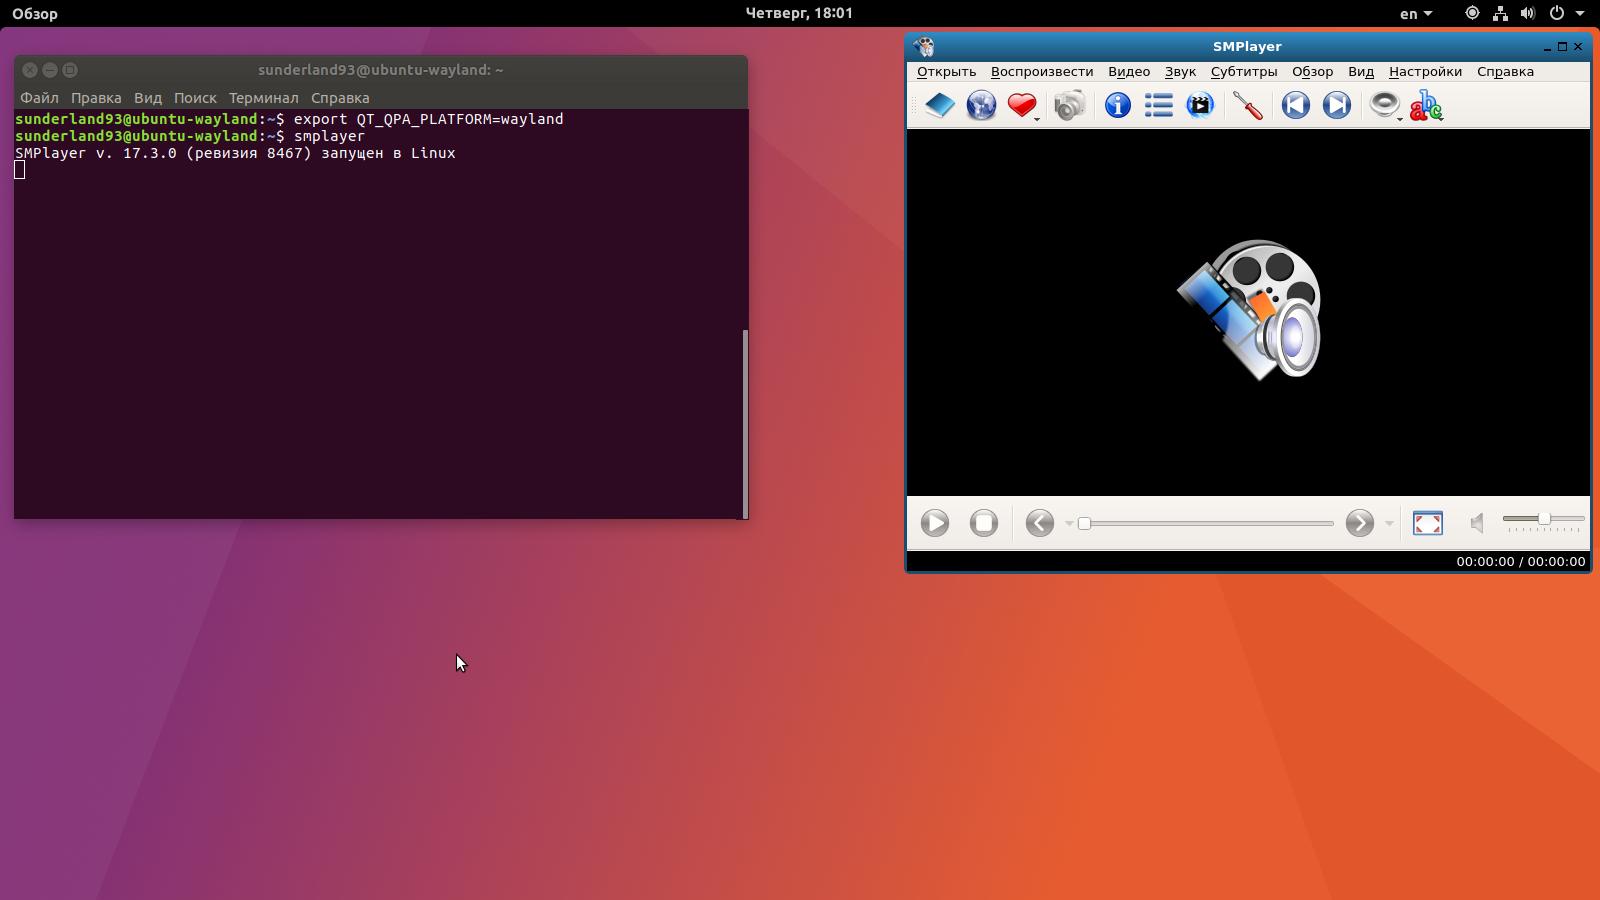 Блог начинающего линуксоида : Запуск GNOME on Wayland с